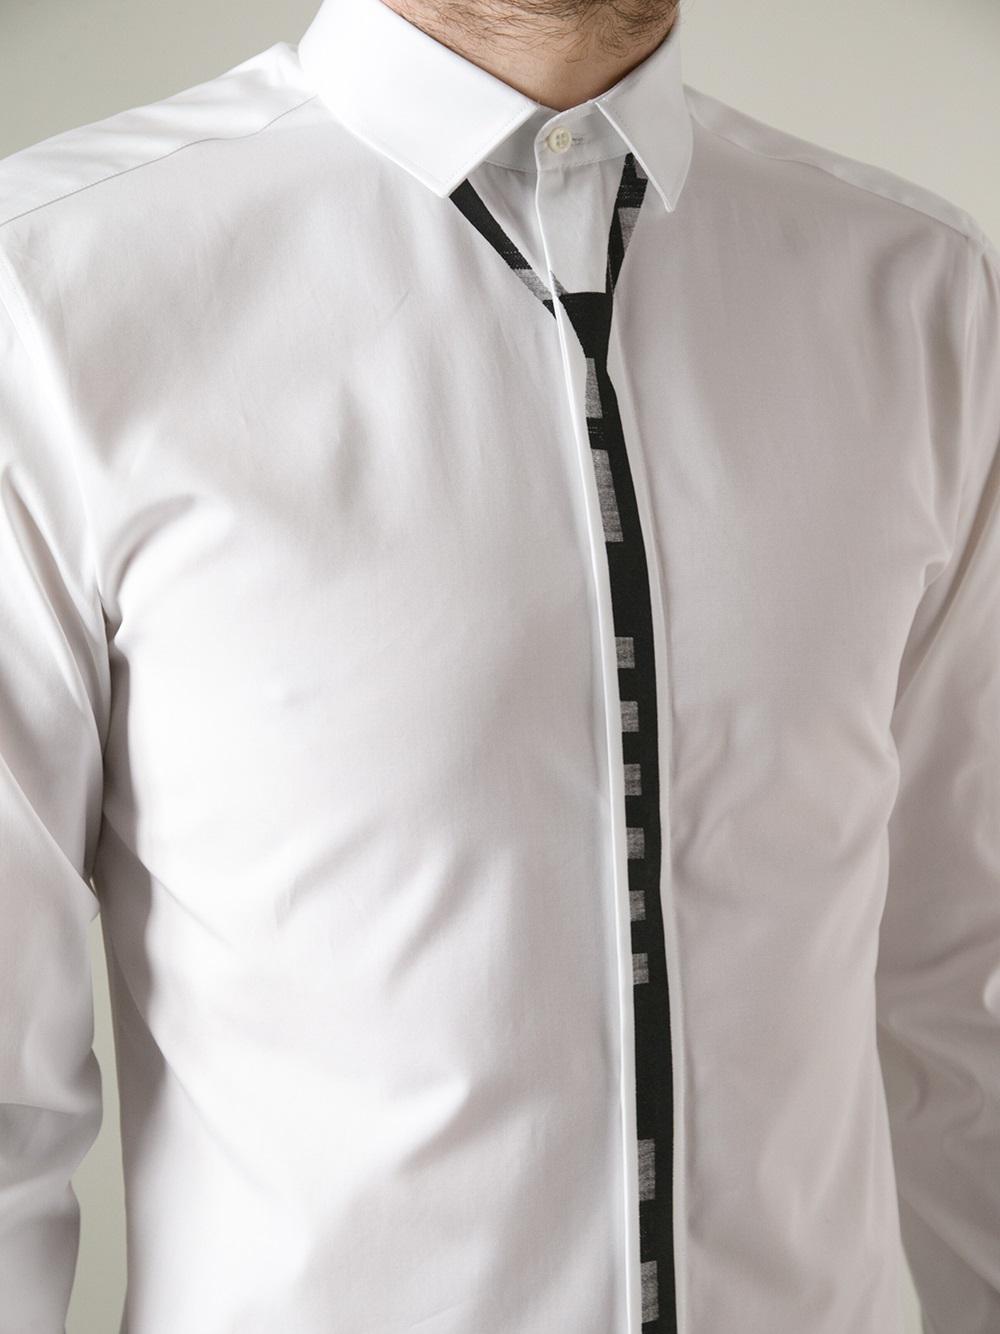 Neil barrett tie print shirt in white for men lyst for Neil barrett tuxedo shirt